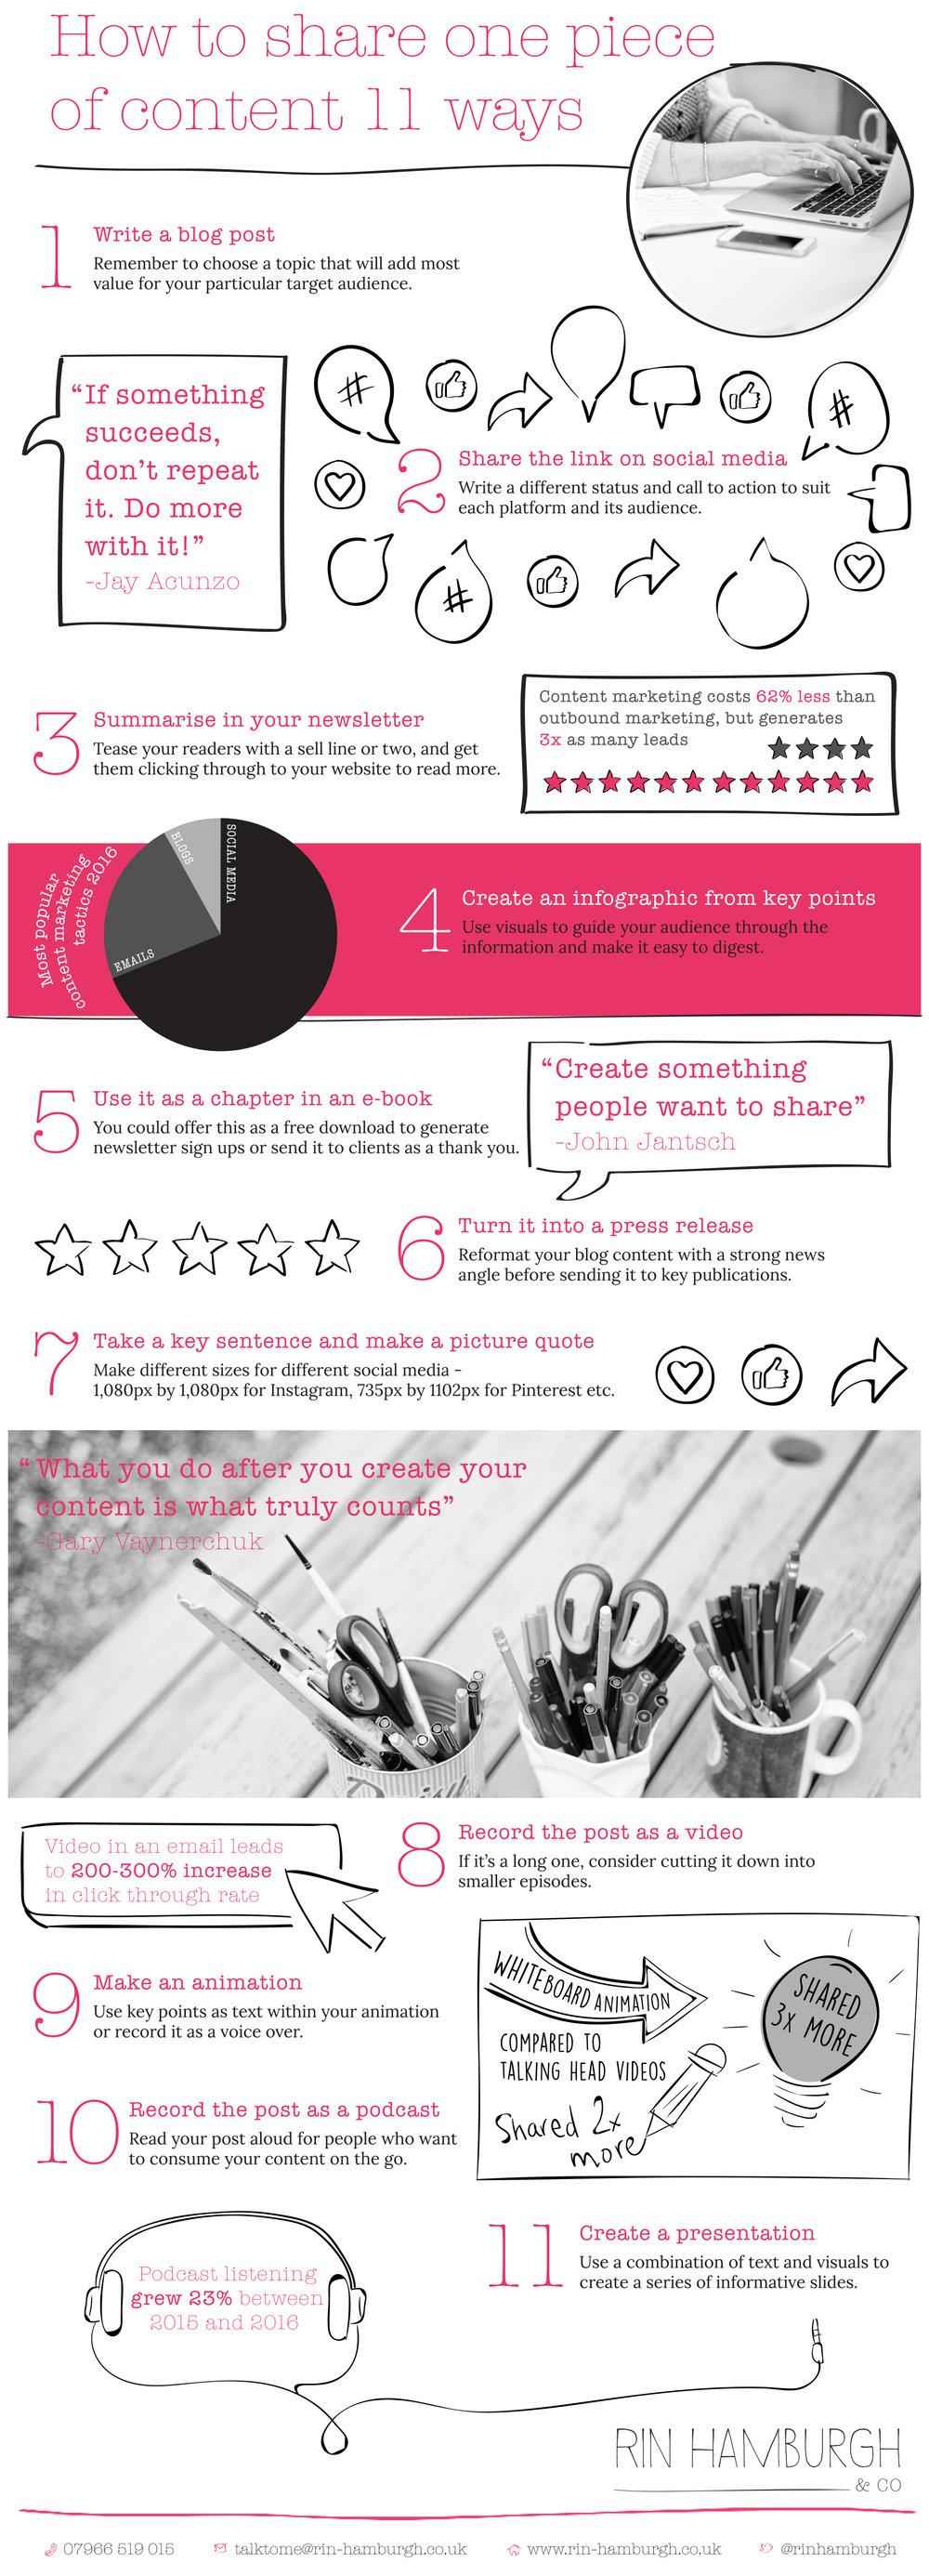 RH-Infographic-V3.jpg